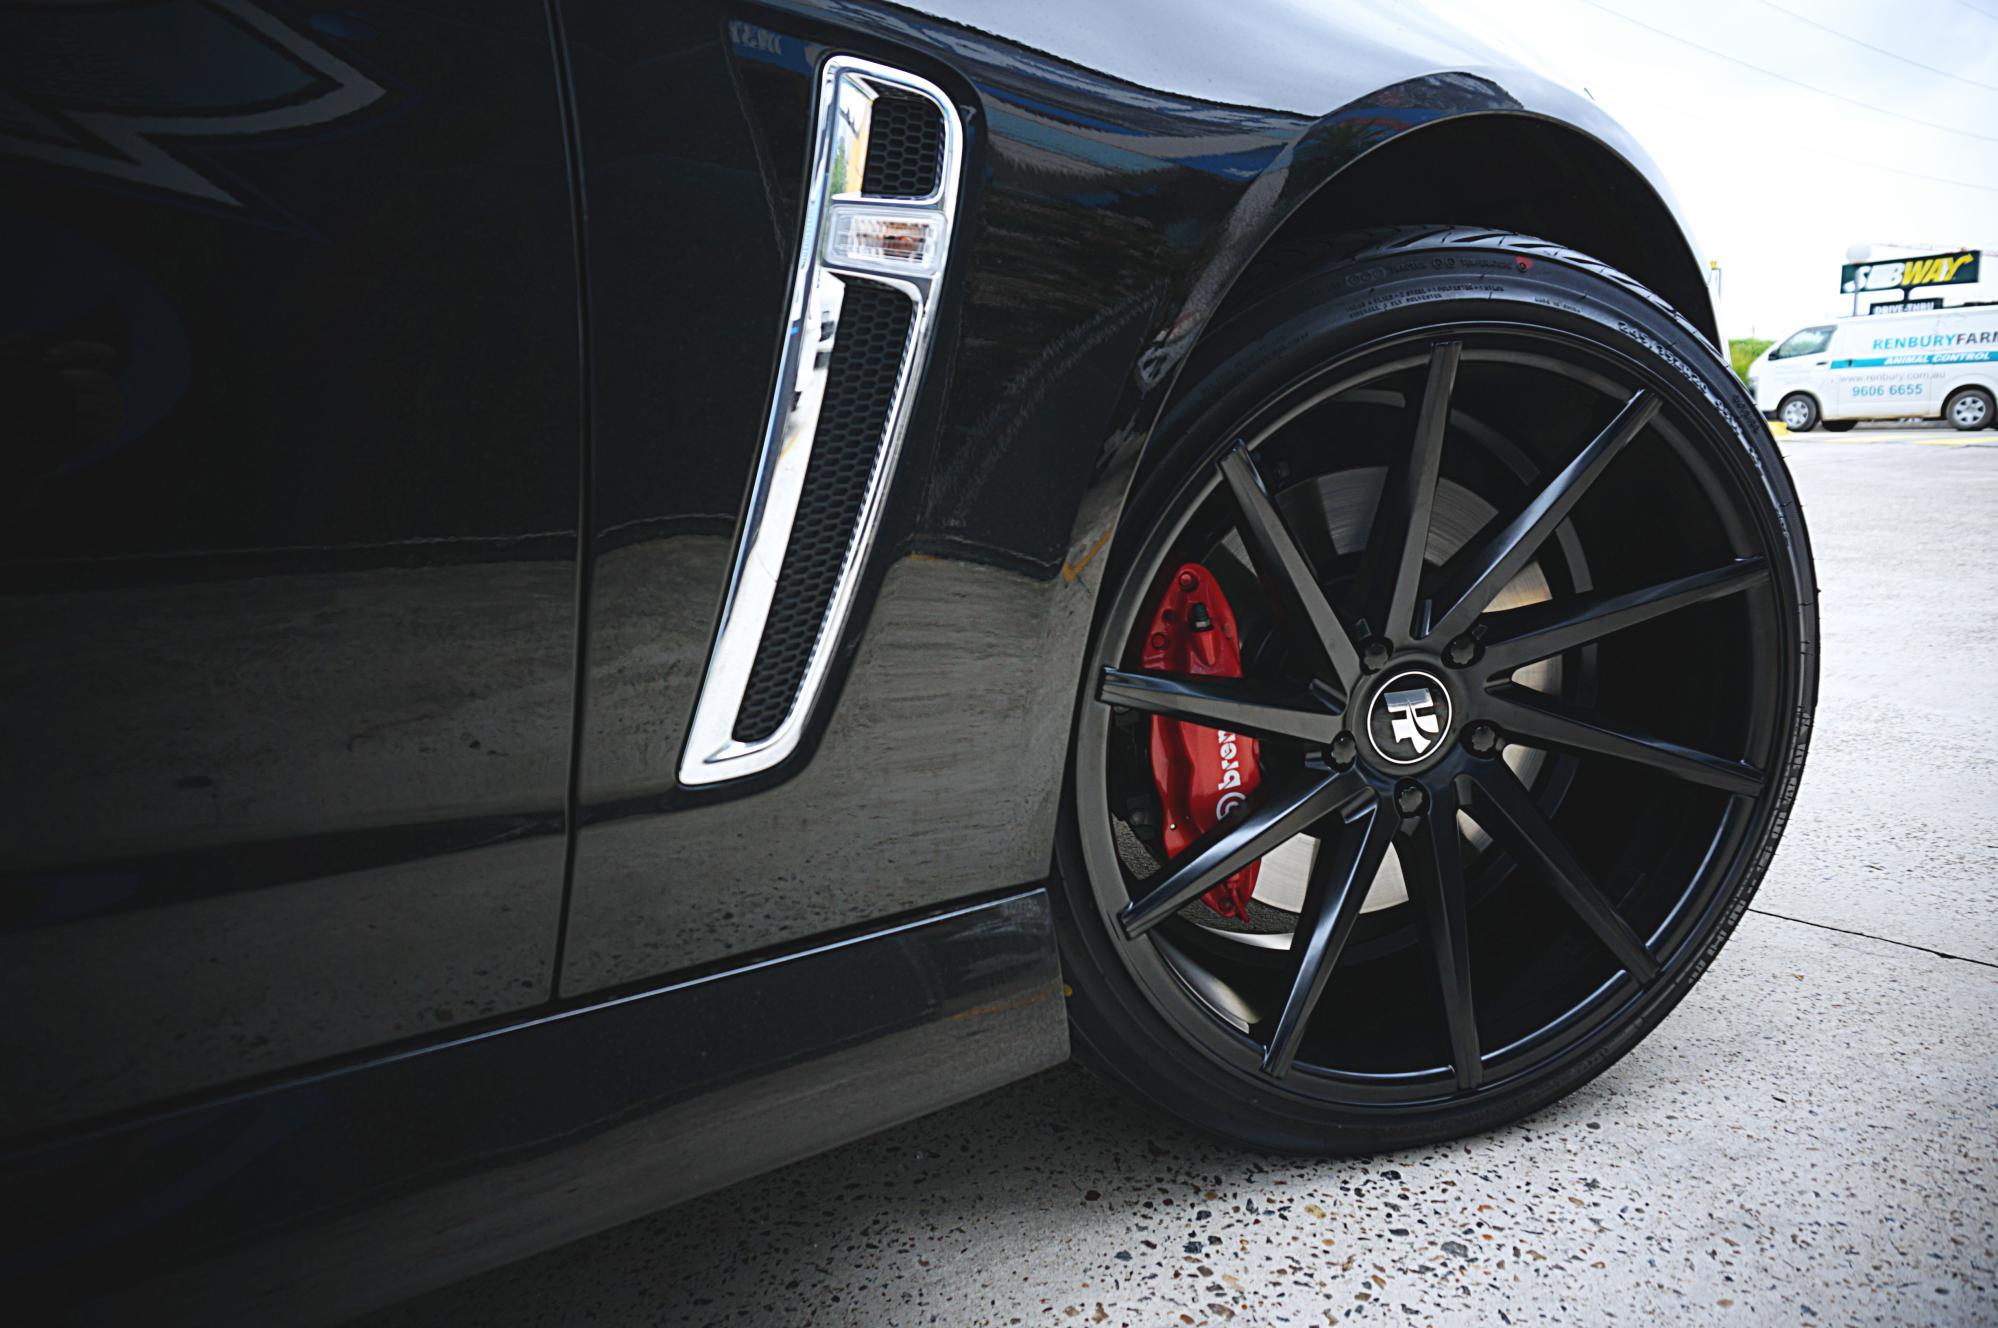 2016 Holden VF SS-V goes wide on Hussla Directional